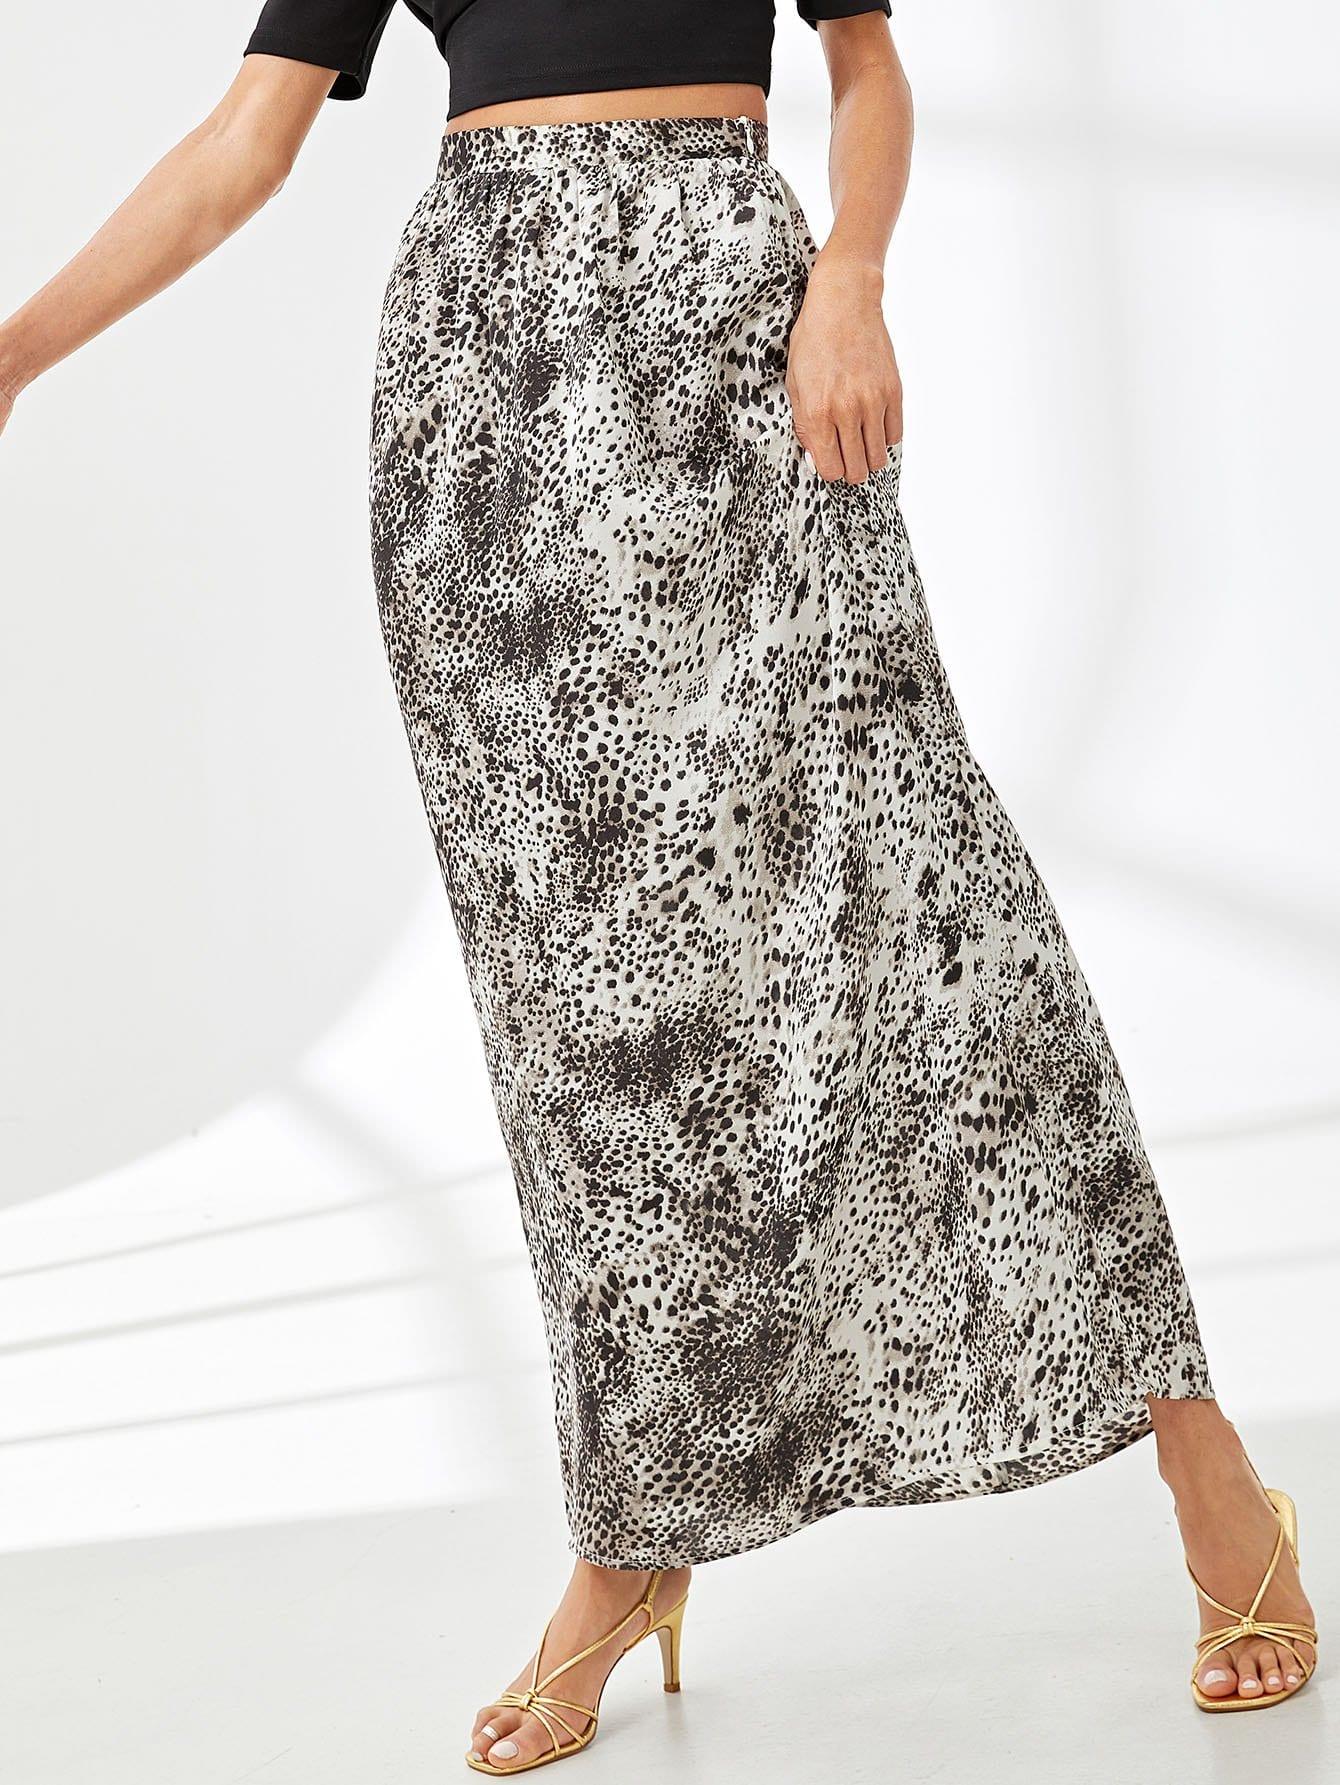 Leopard Print В штучной упаковке Плиссированная юбка